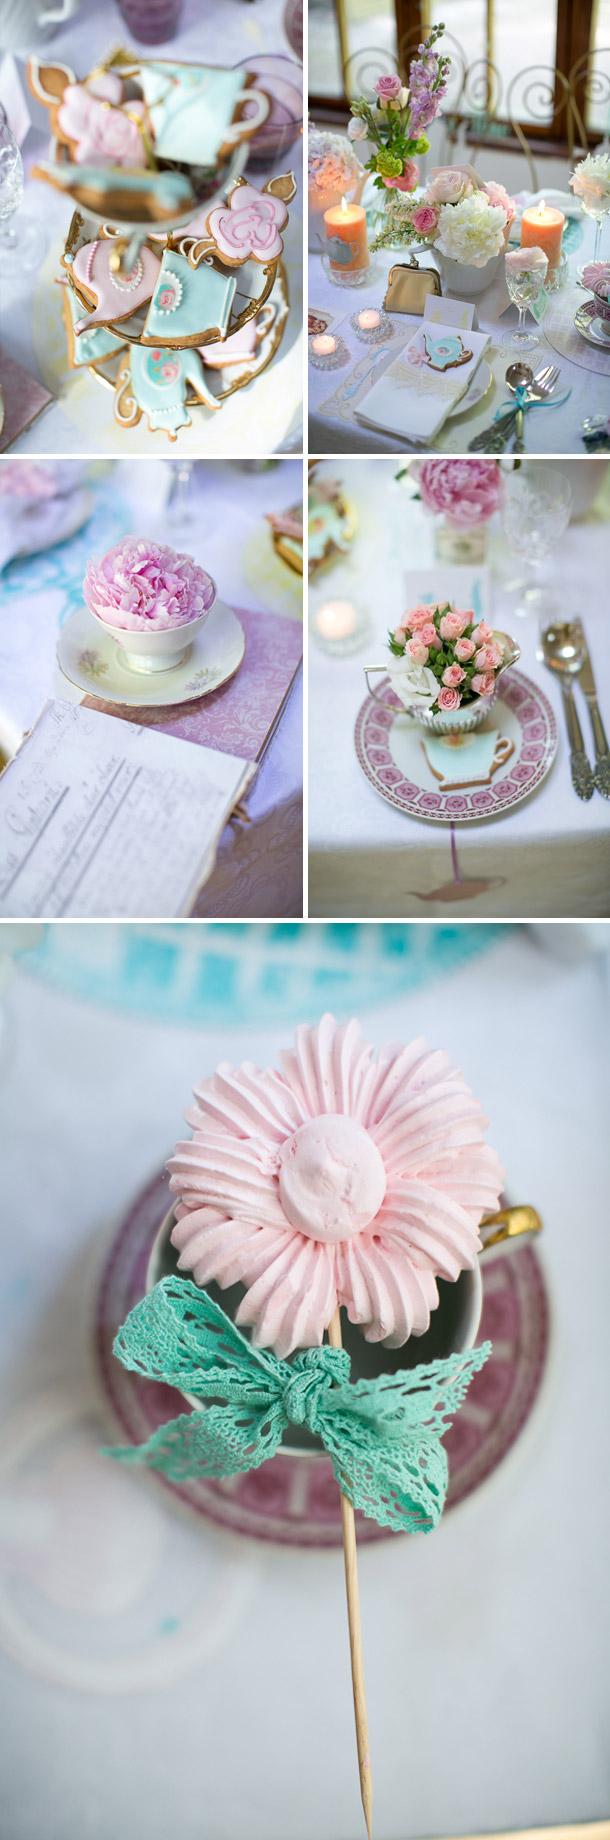 Teeparty Inspirationen vom Hochzeitsworkshop bei Carmen und Ingo Photography